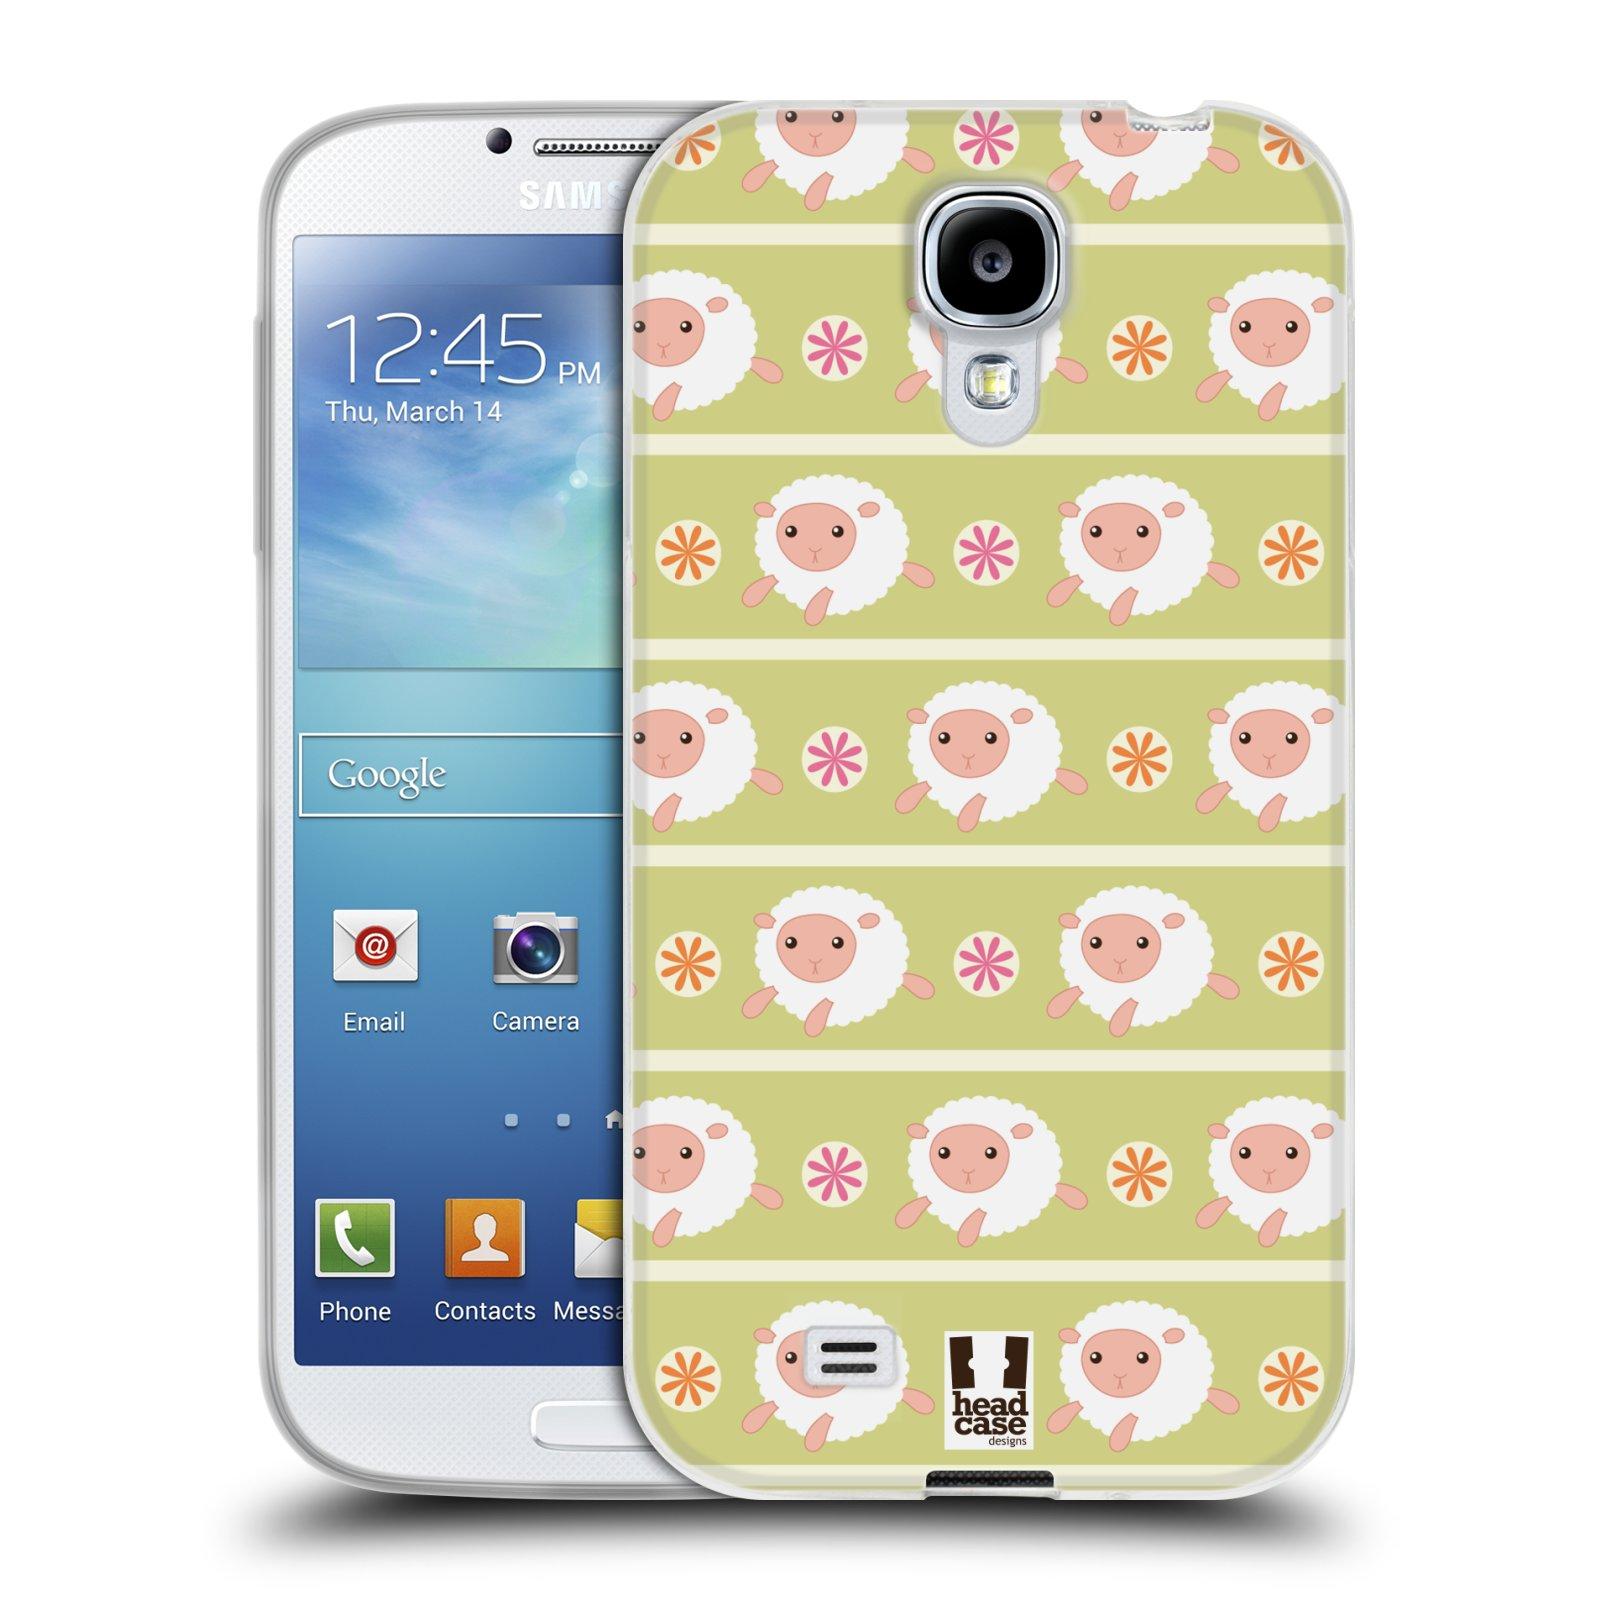 HEAD CASE silikonový obal na mobil Samsung Galaxy S4 i9500 vzor roztomilé zvířecí vzory ovečky